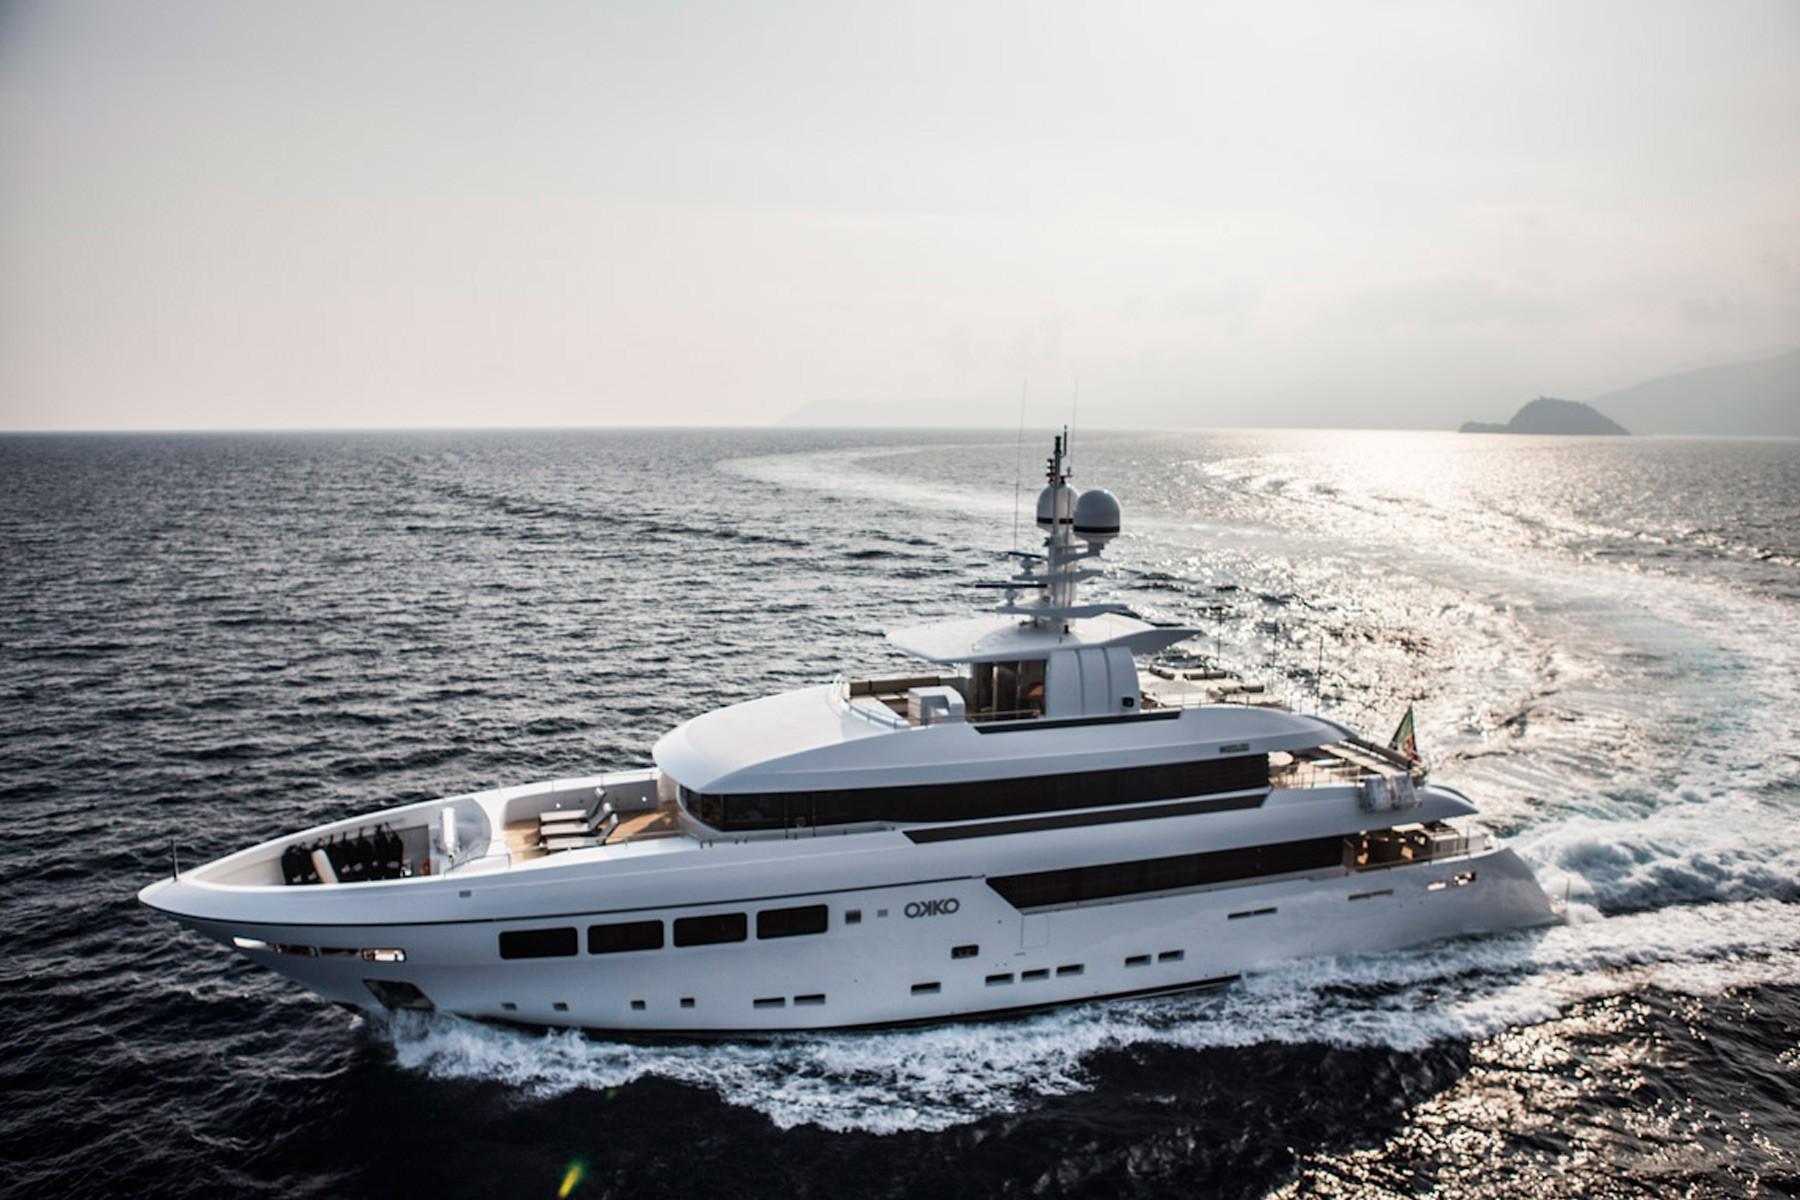 The 40m Yacht OKKO